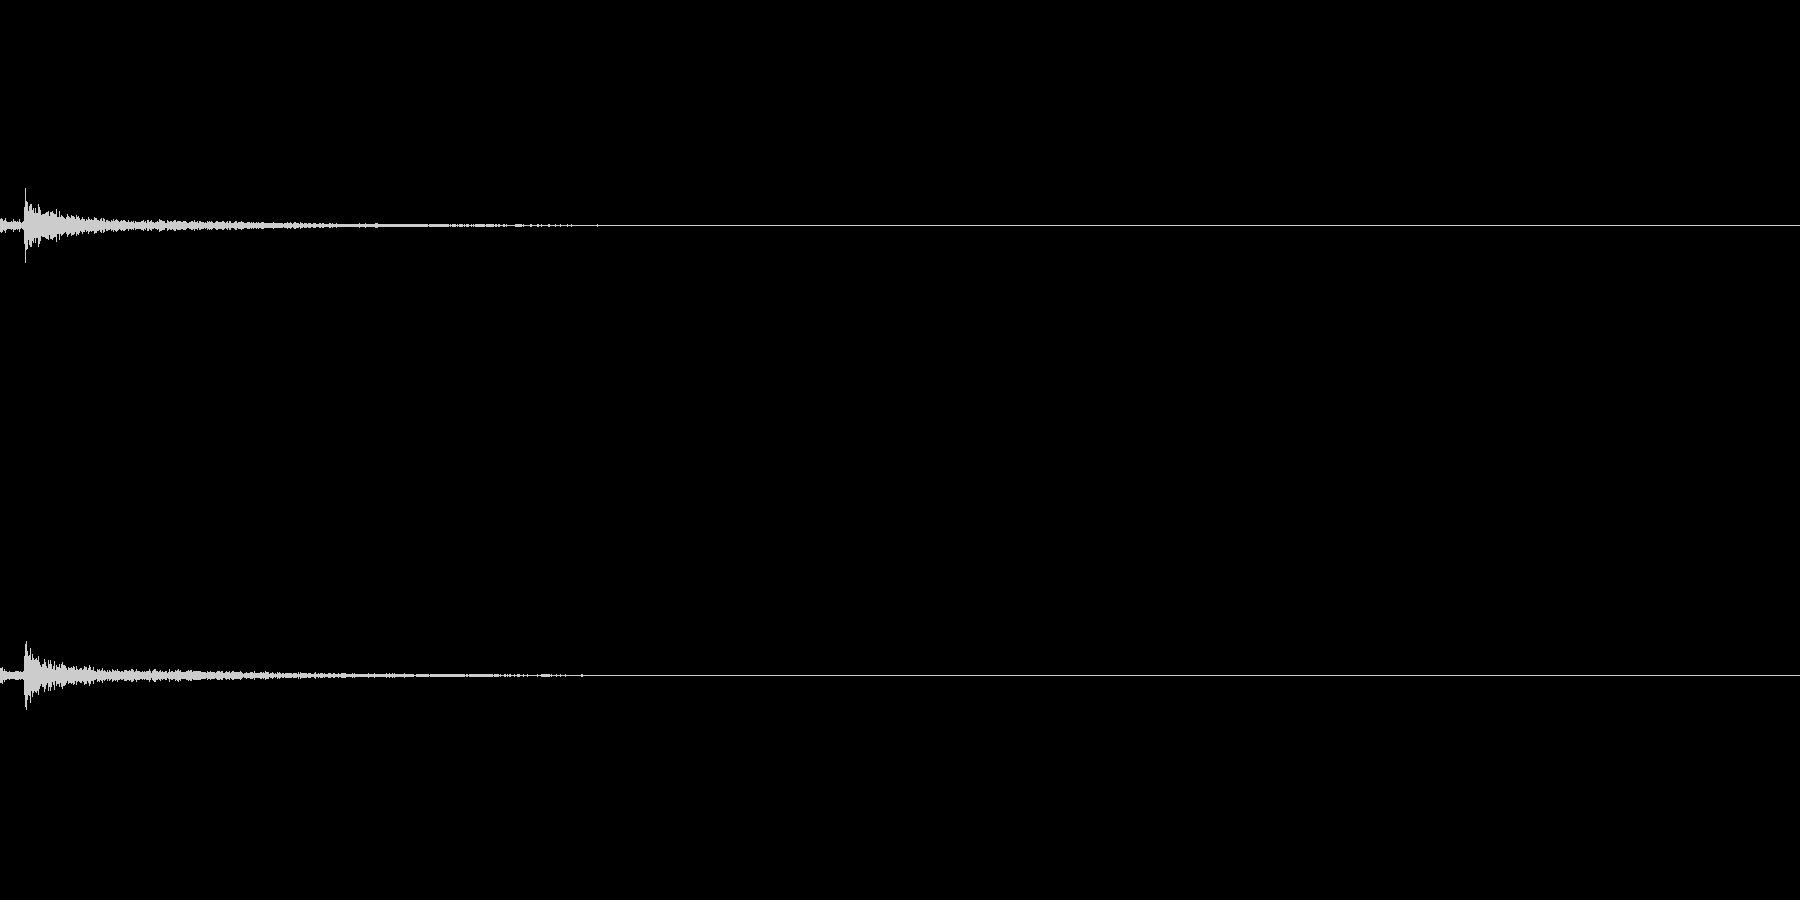 リバーブの効いた開錠音の未再生の波形